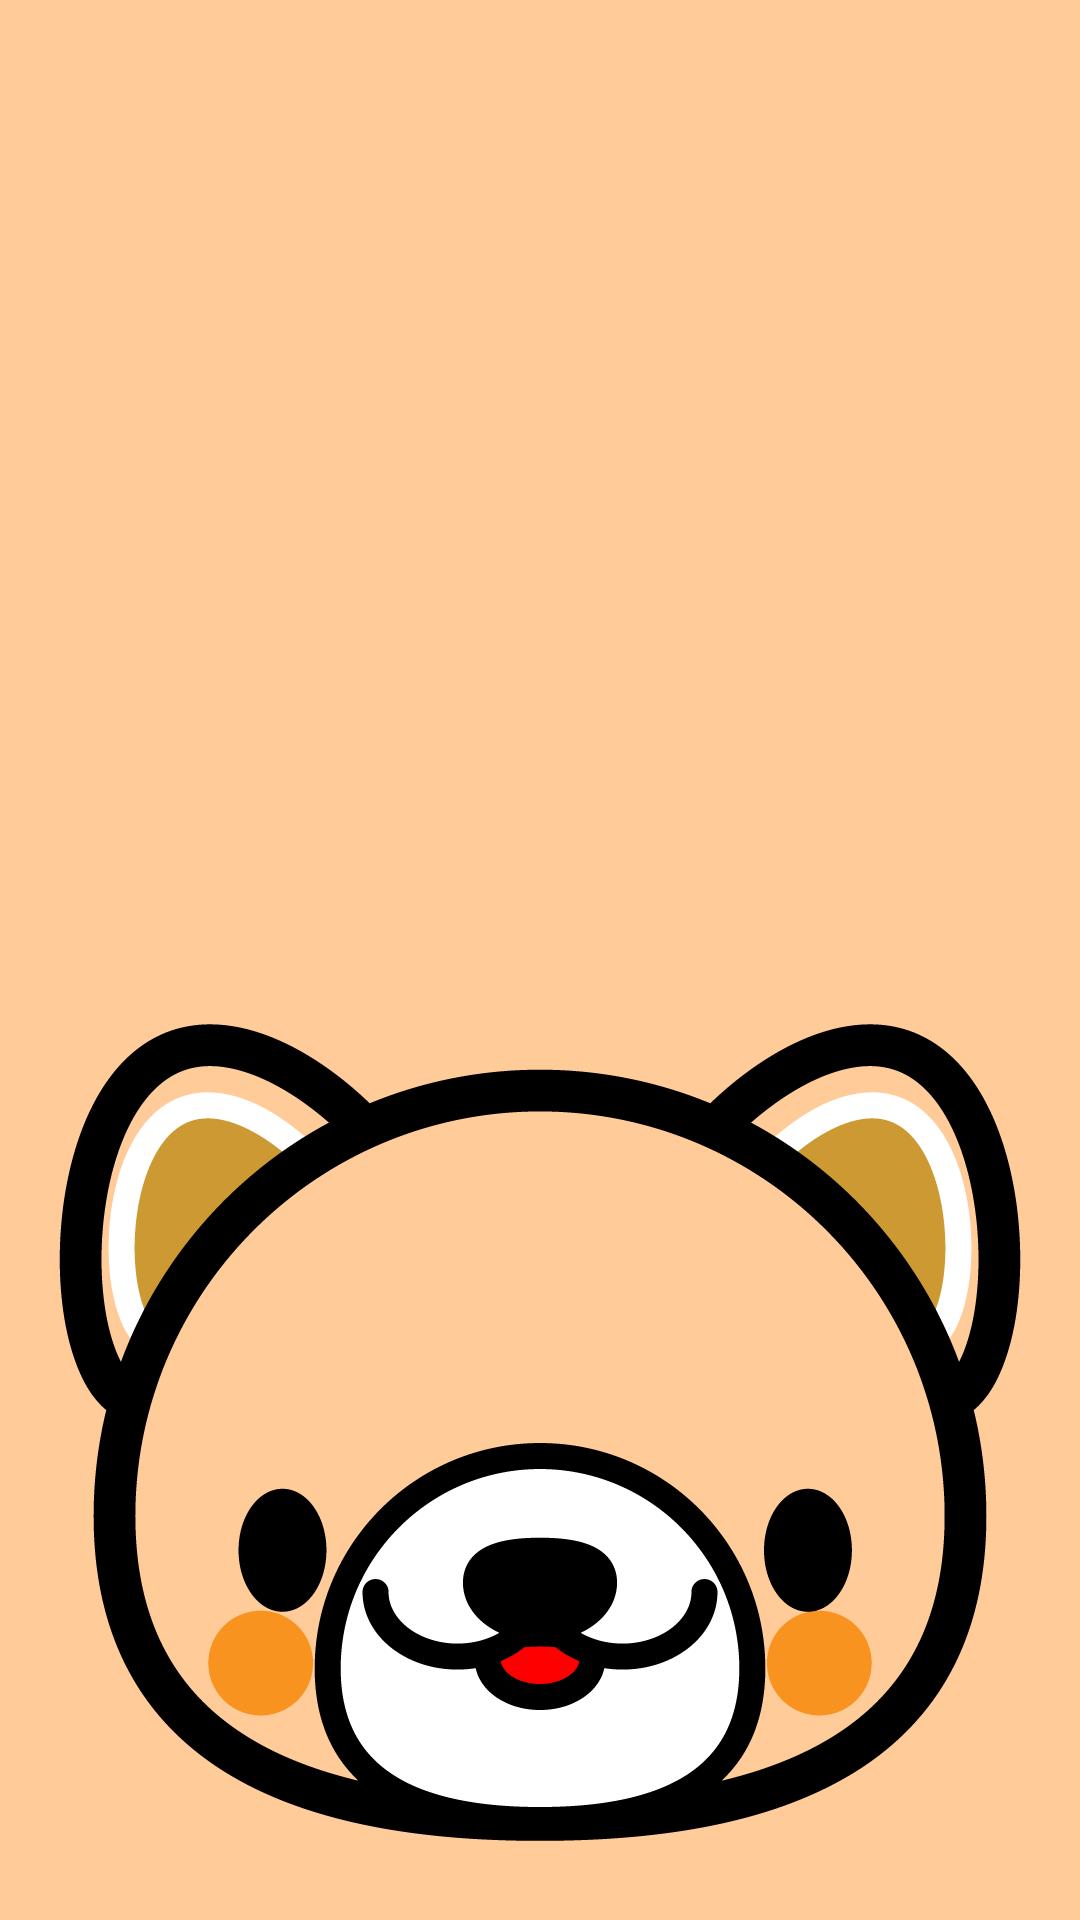 かわいい顔だけ犬壁紙(iPhone)の無料イラスト・商用フリー